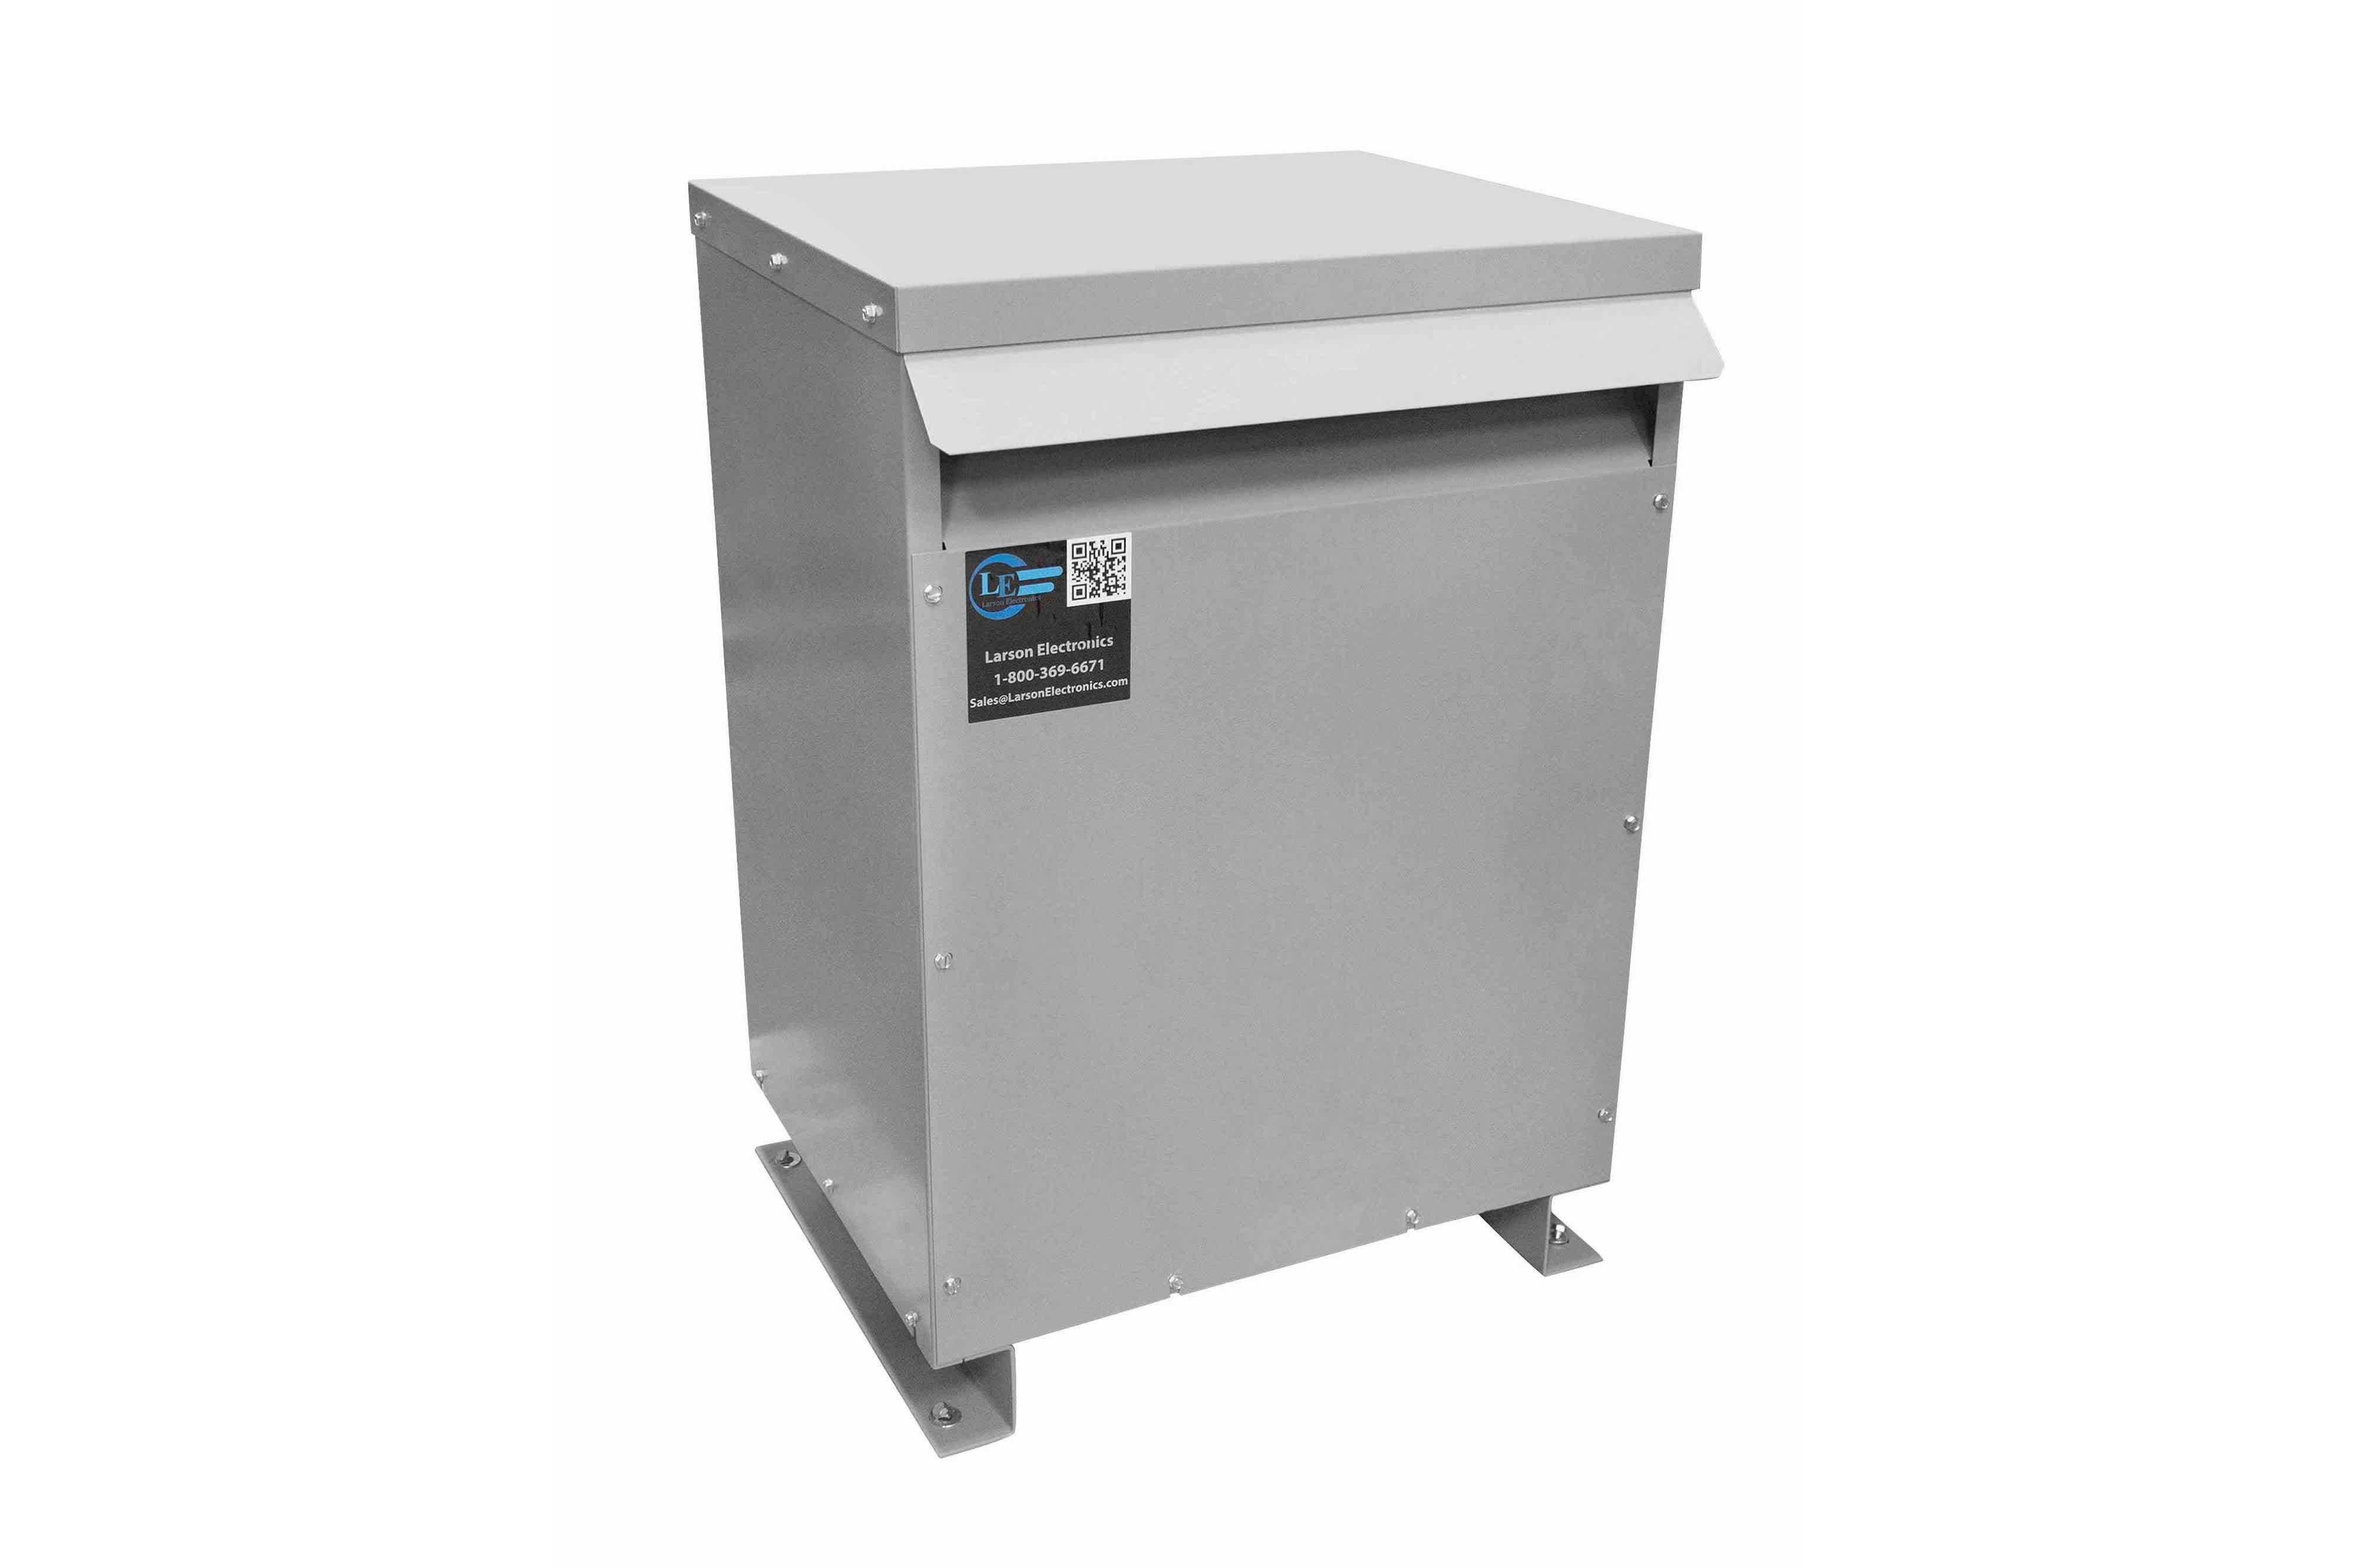 167 kVA 3PH Isolation Transformer, 415V Delta Primary, 600V Delta Secondary, N3R, Ventilated, 60 Hz